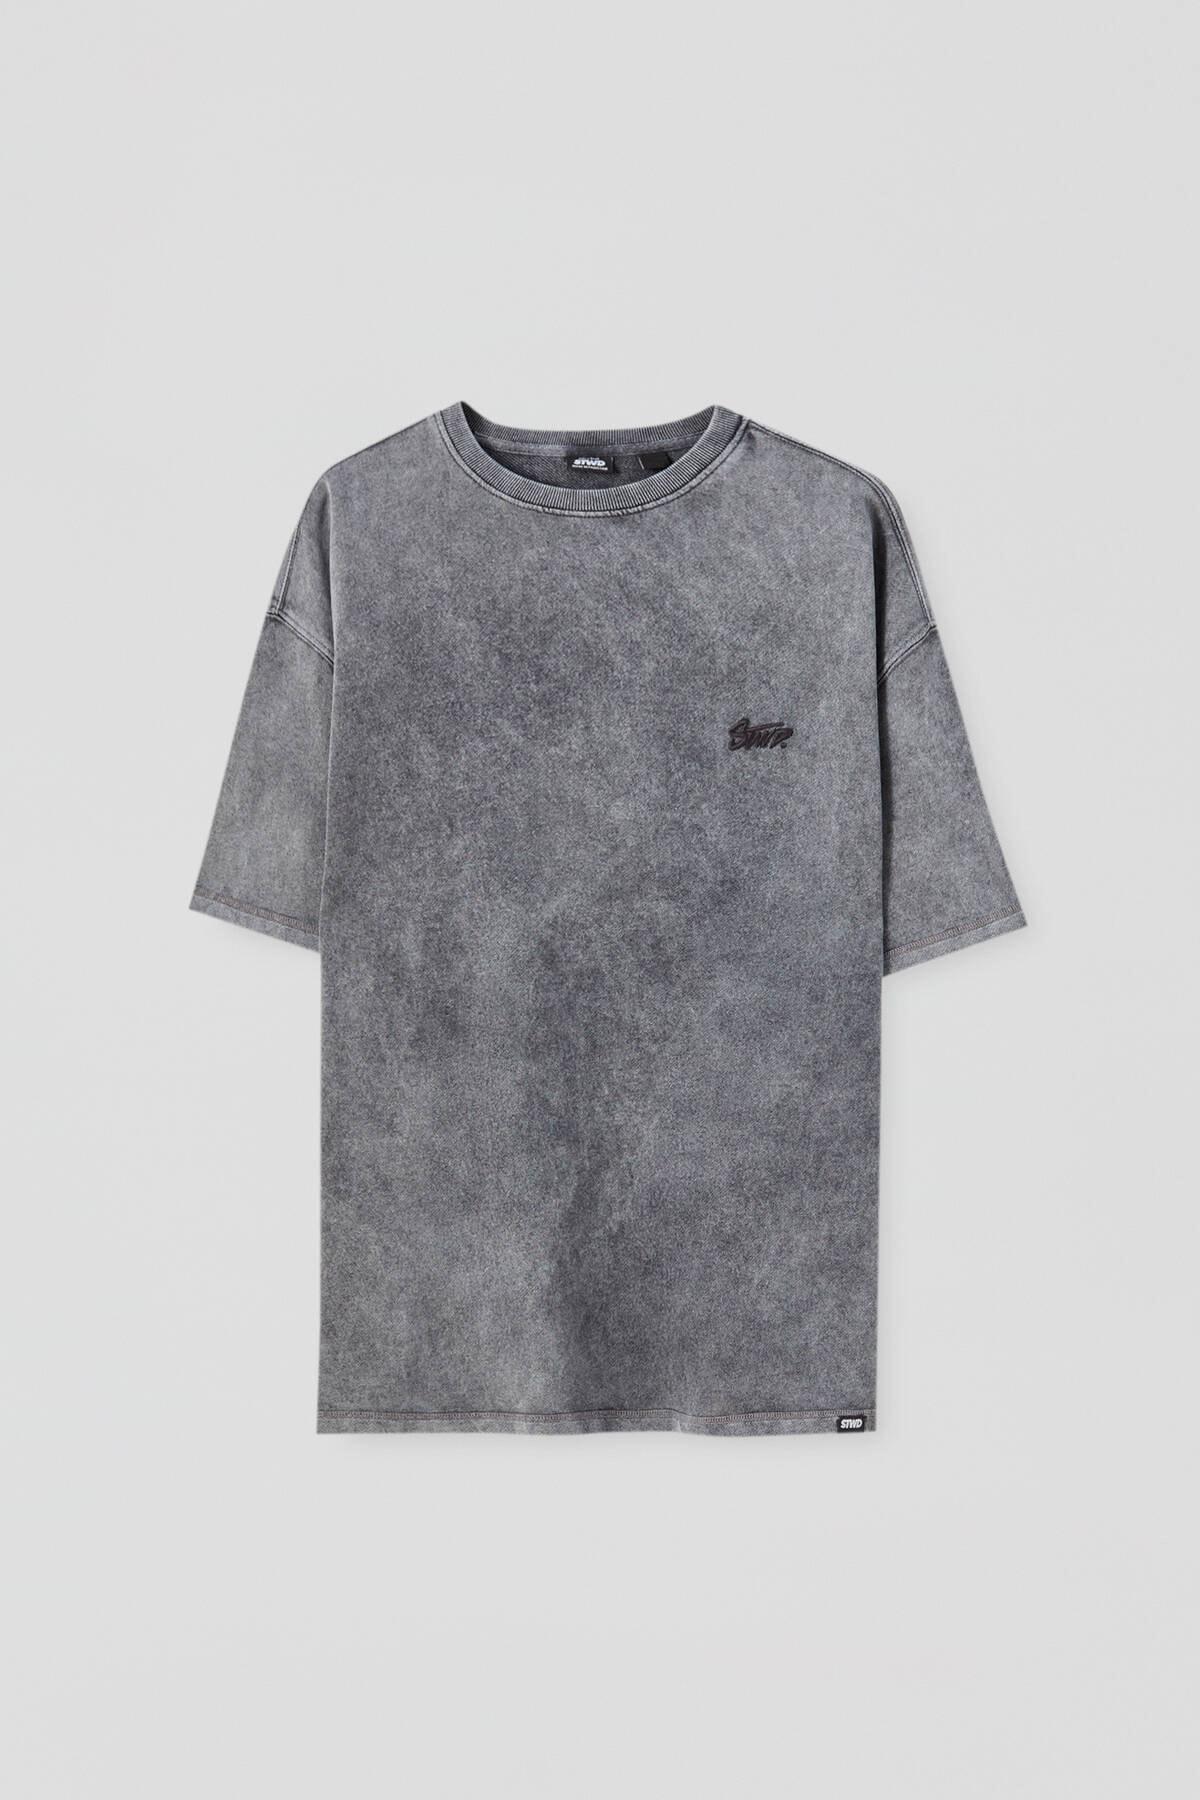 Pull & Bear Erkek Siyah Penye Stwd İşlemeli T-Shirt 04591520 4